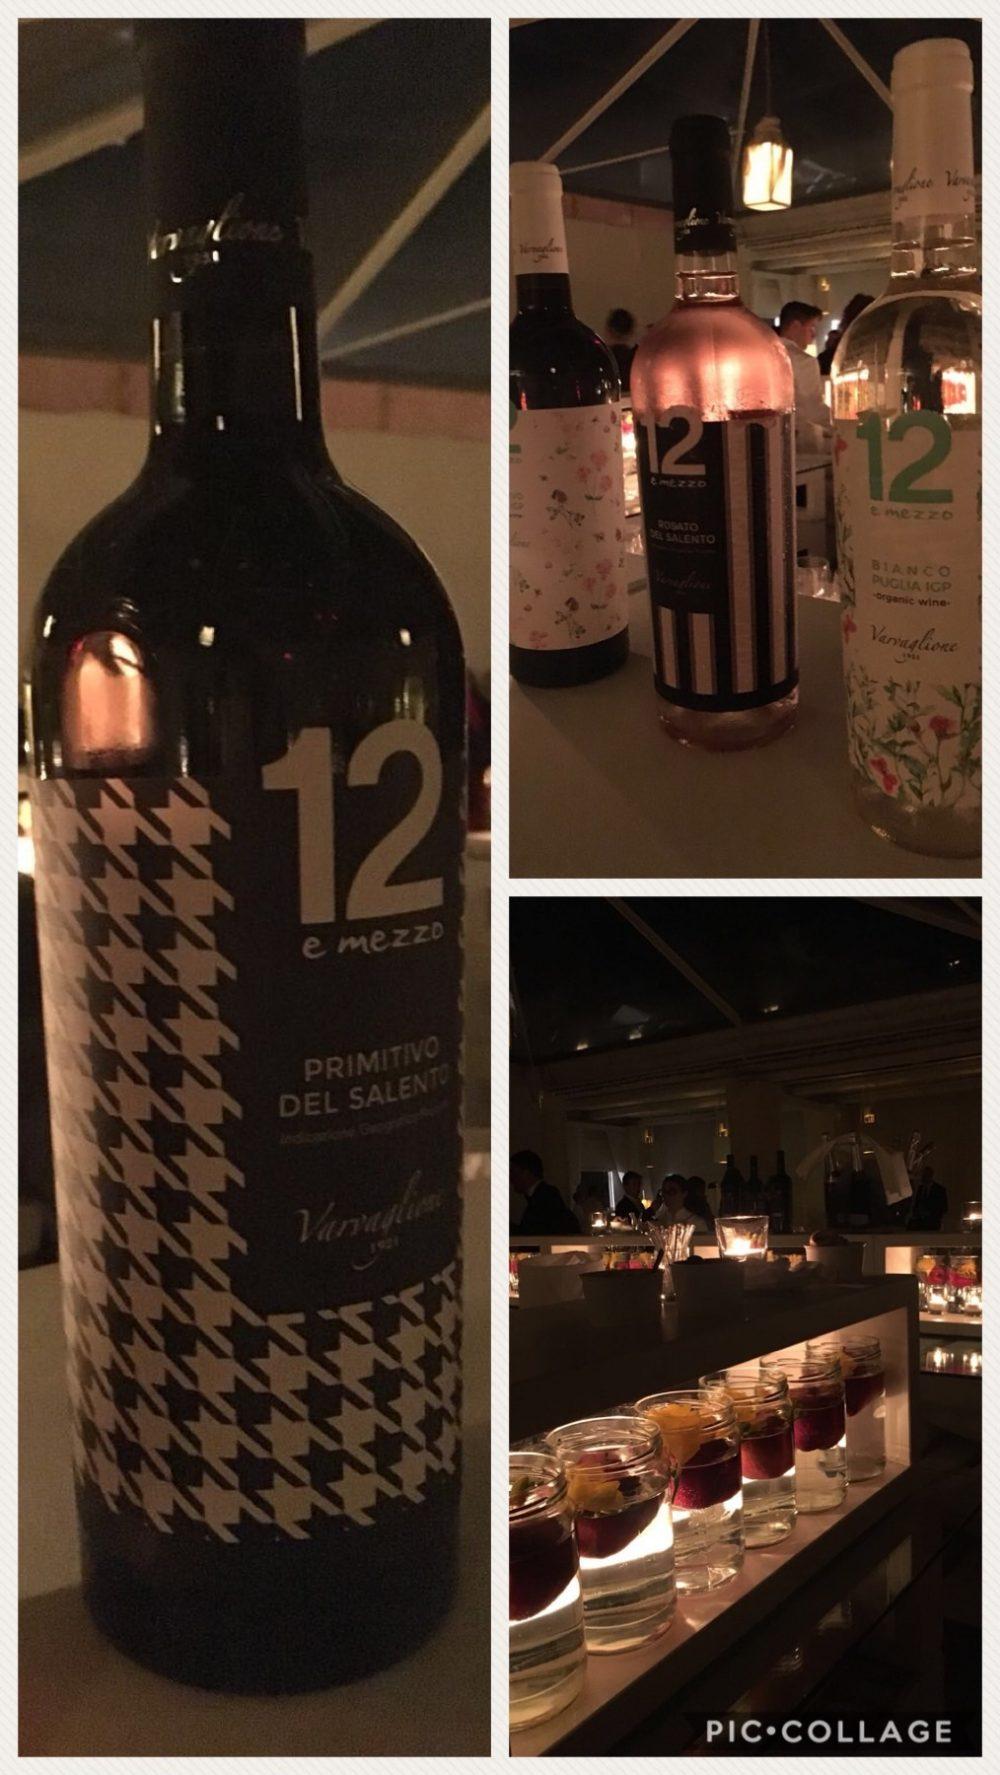 Alcuni vini dell'azienda della collezione 12 e mezzo, vini molto tradizionali nella produzione